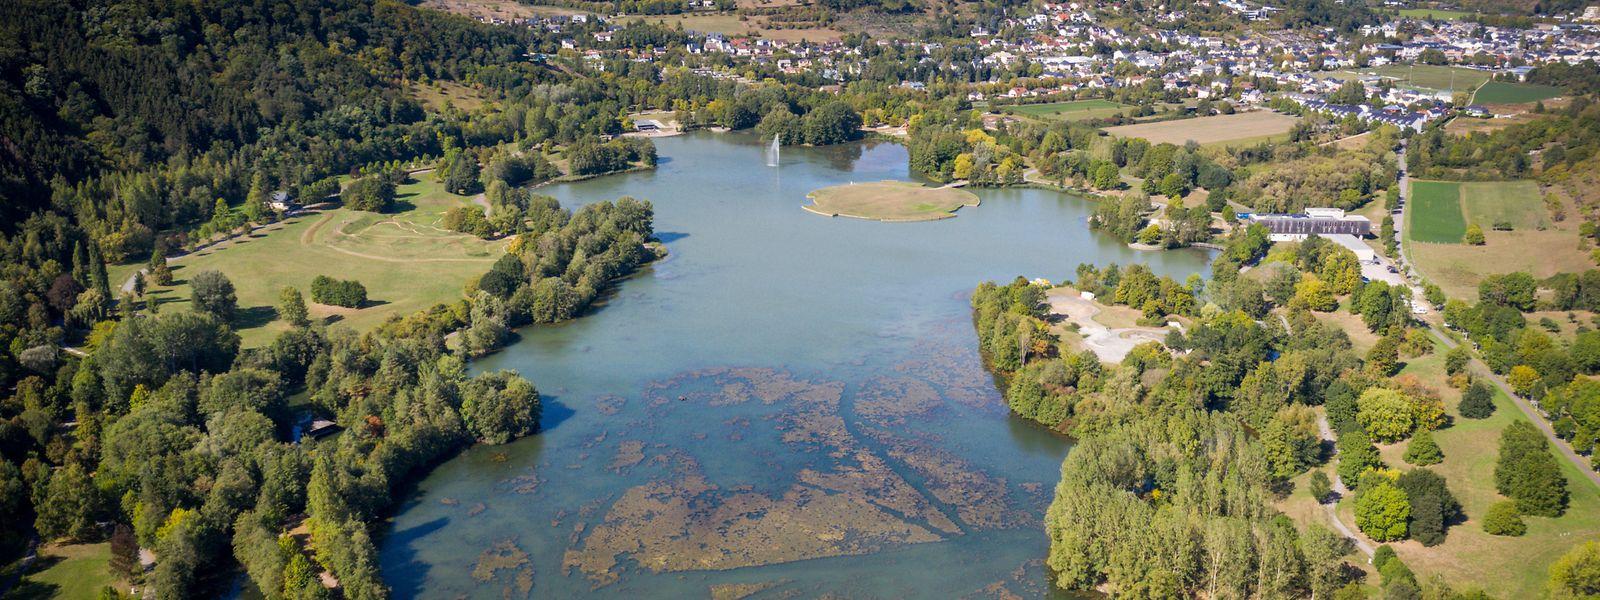 Auf dem Grund des 27 Hektar großen Sees hat sich seit der Anlegung des Freizeitgeländes eine dicke Schlammschicht gebildet.